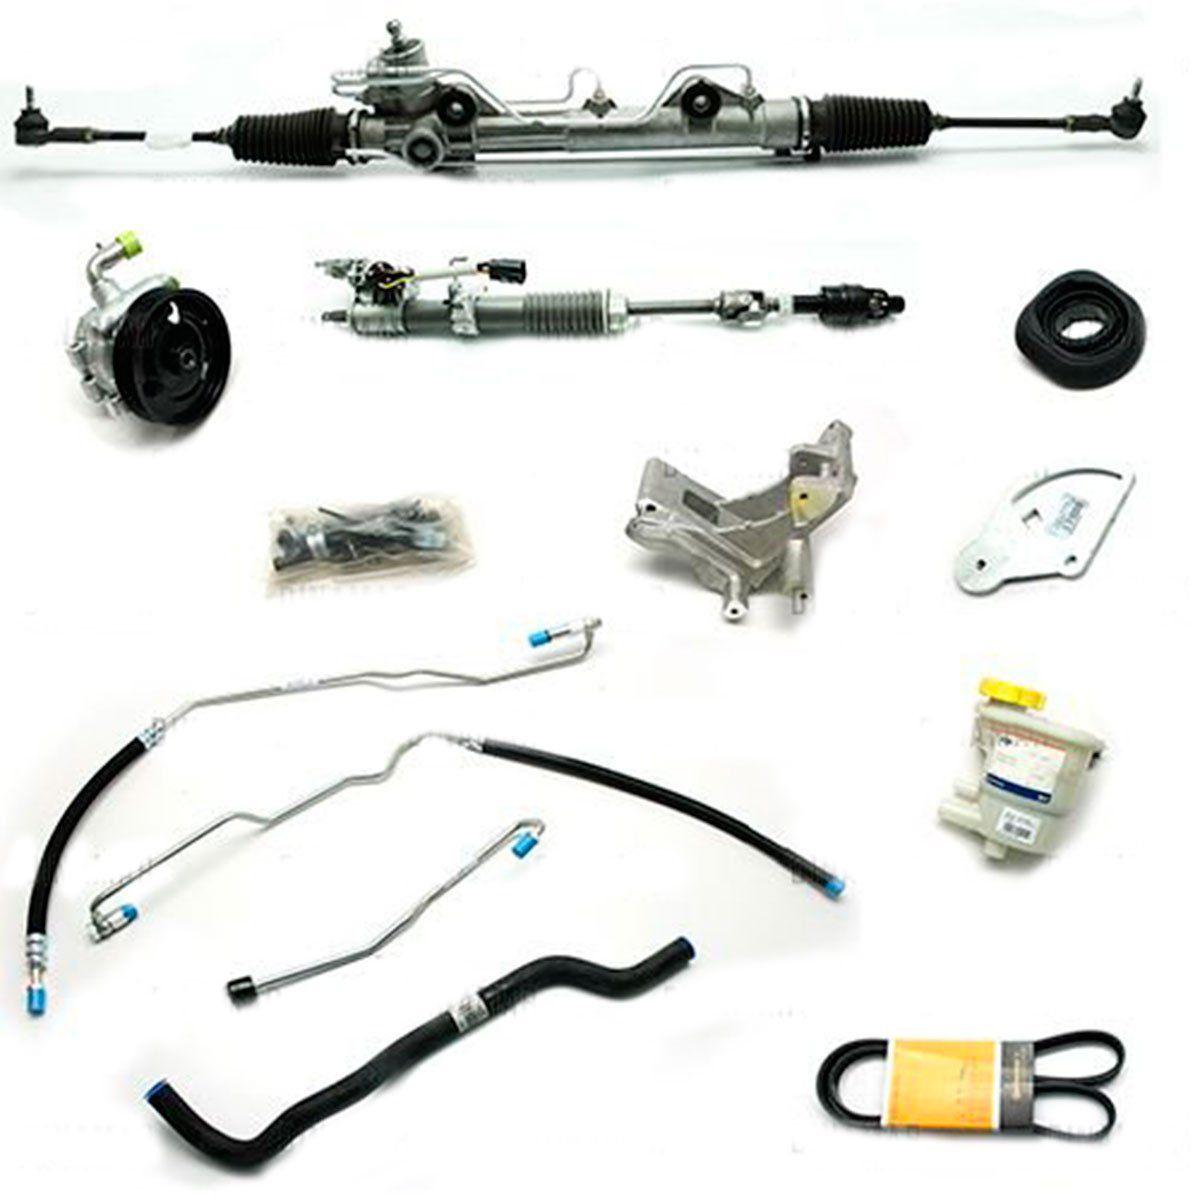 Kit De Direção Hidráulica Do Ford Ka 1.0/1.6 Zetec Rocam De 2000 Até 2007 (Modelos Sem Ar Condicionado)